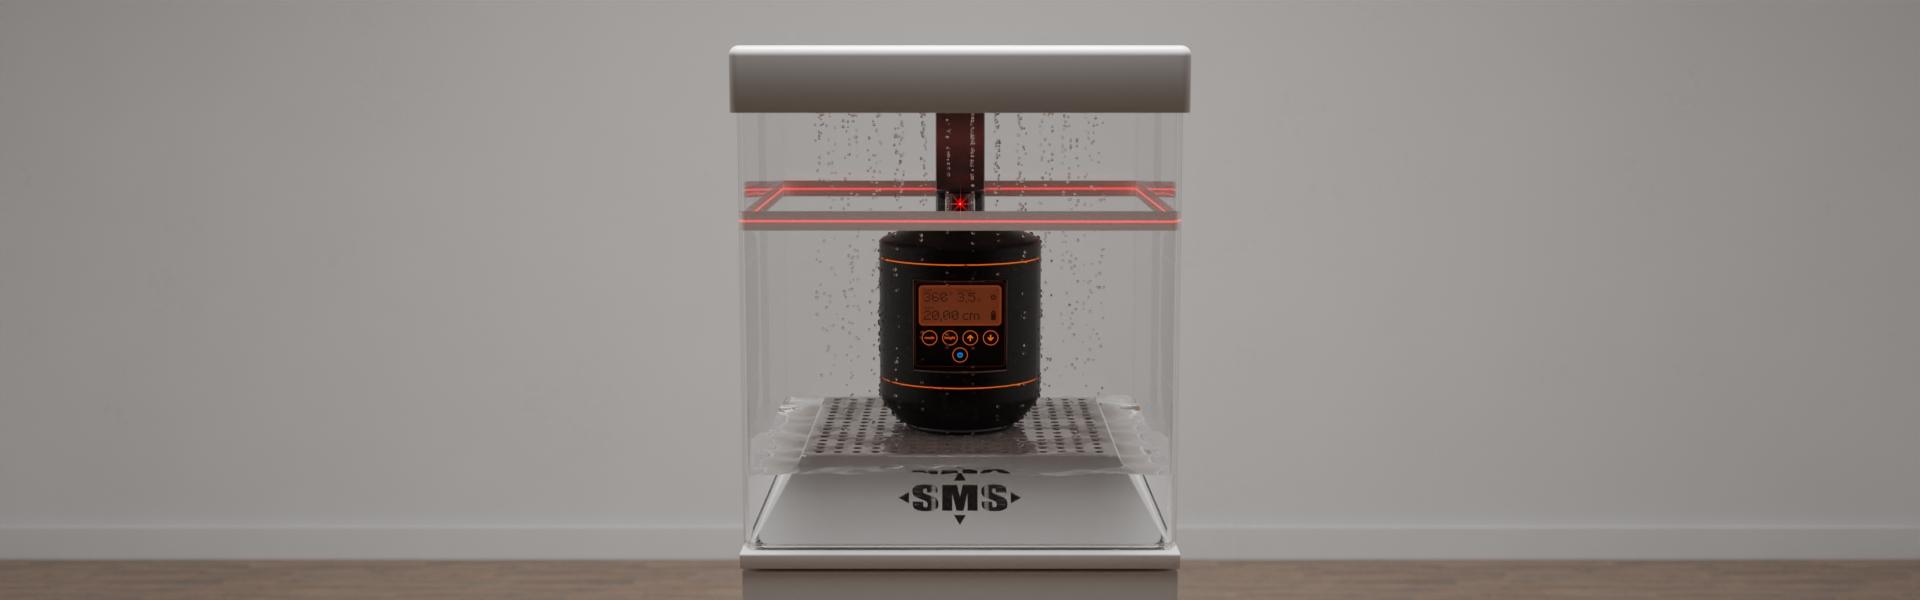 konzeptionierung-design-sonderanfertigung-ausstellungsmöbel-displays